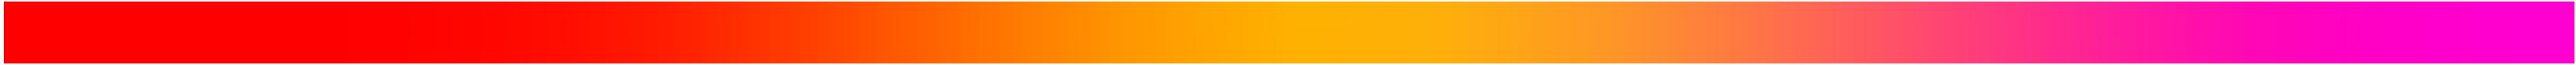 『曝光奖』评委 Q&A   丽莎·斯普林格:聚焦当代摄影的未来及其更具动态的创作方式  PHOTOFAIRS 评委 丽莎 斯普林格 未来 动态 方式 McCartney 展示箱 展示厅 VA摄影中心 崇真艺客